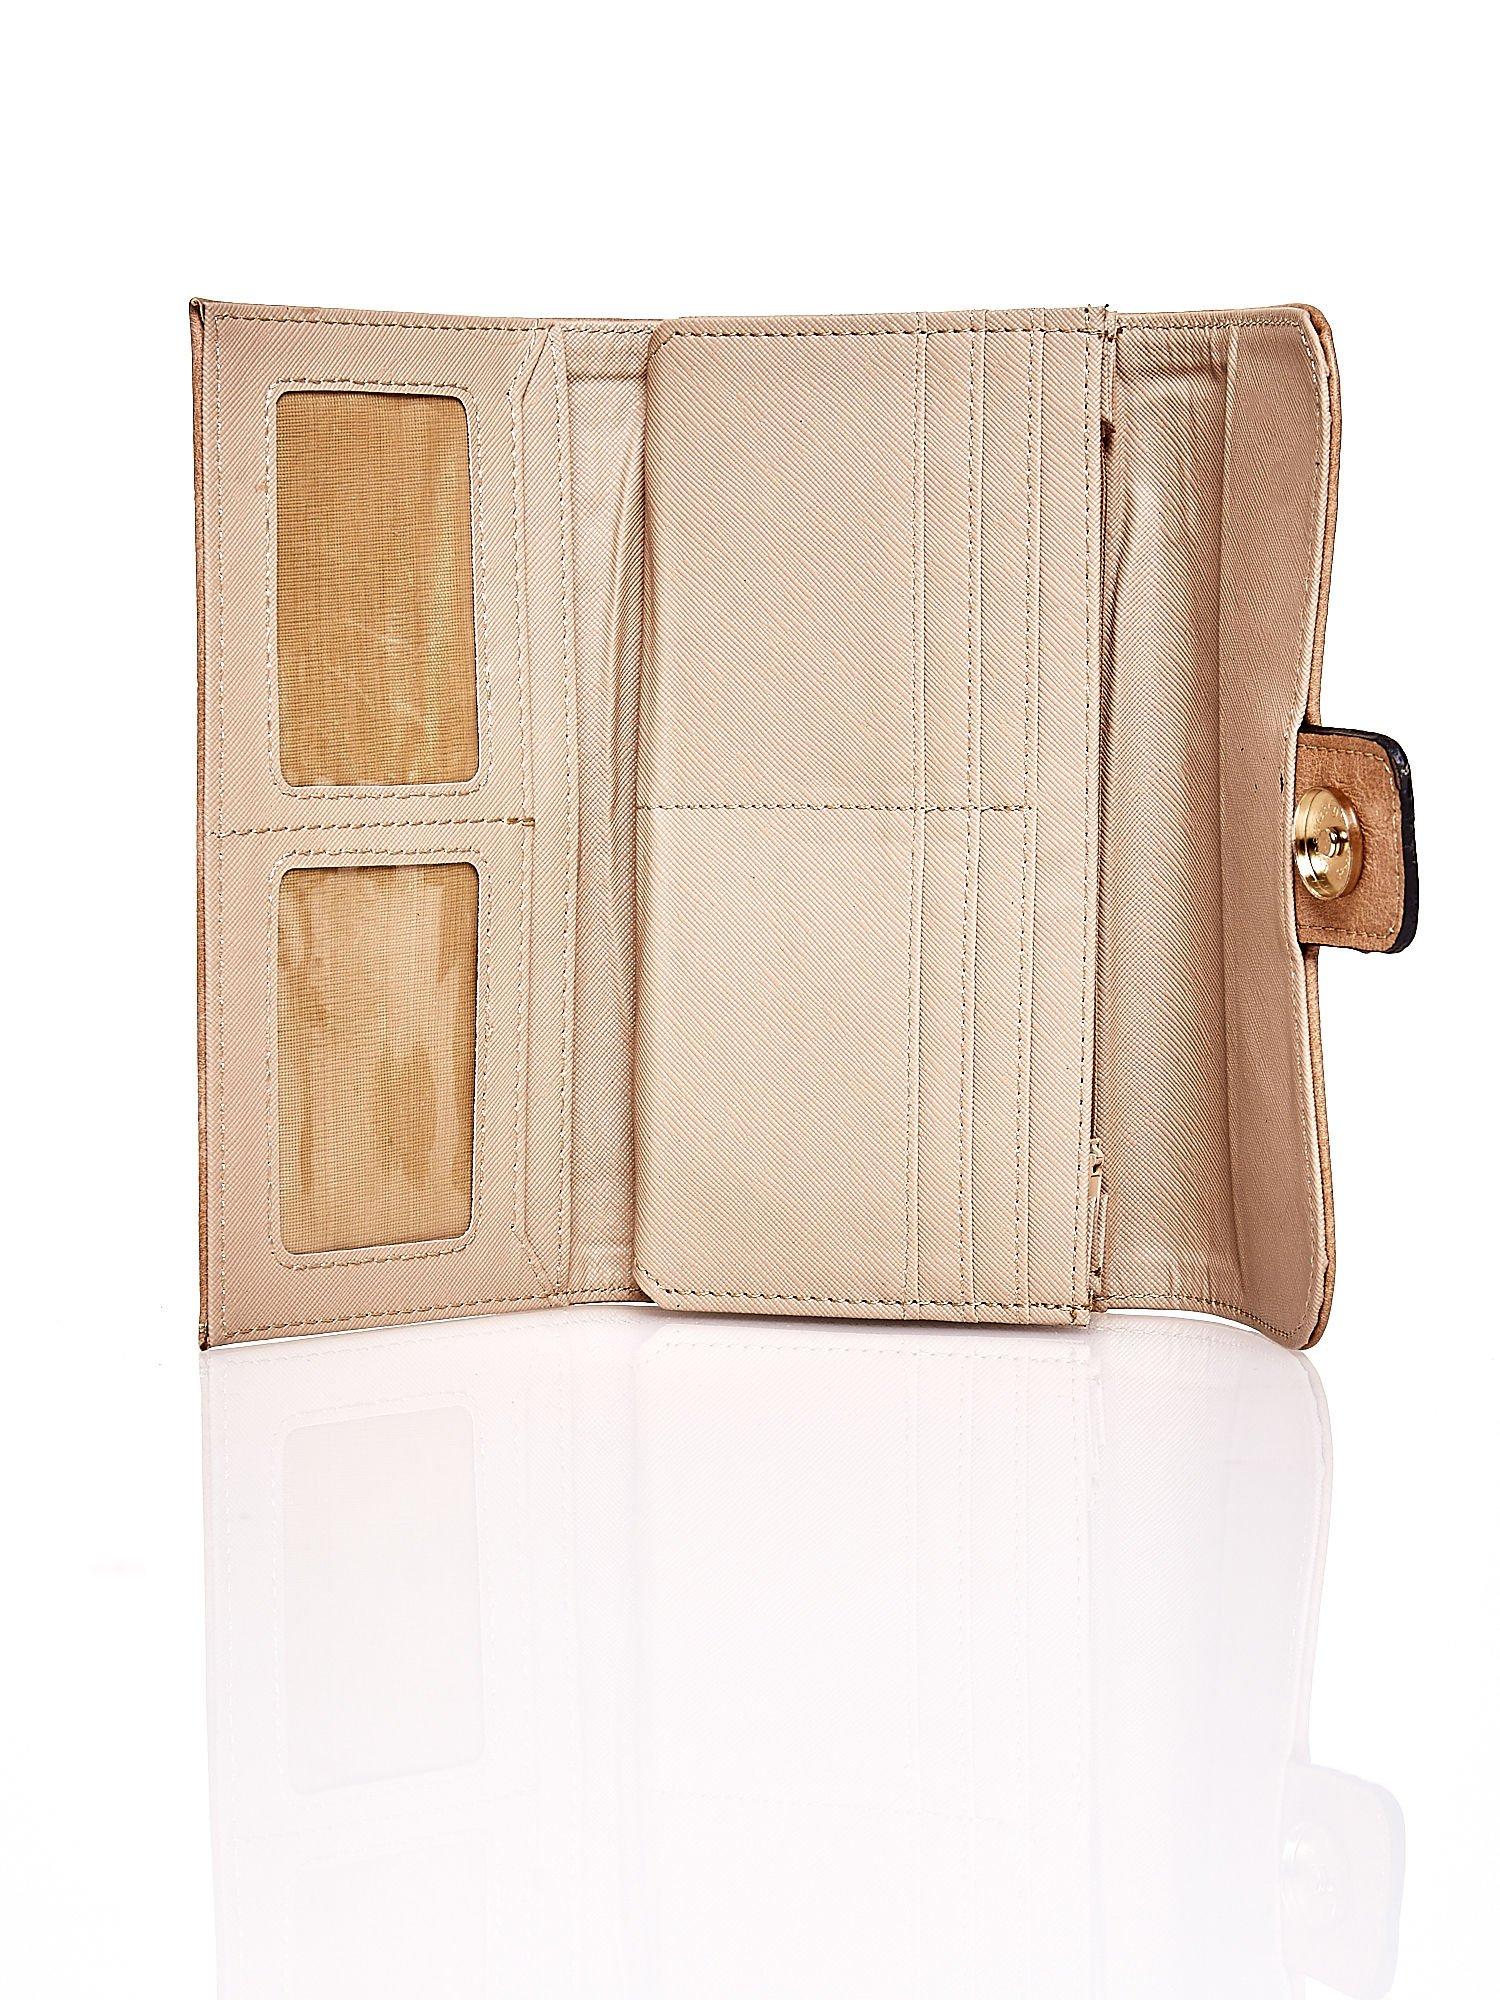 Jasnobrązowy portfel z zapięciem na magnes                                  zdj.                                  4